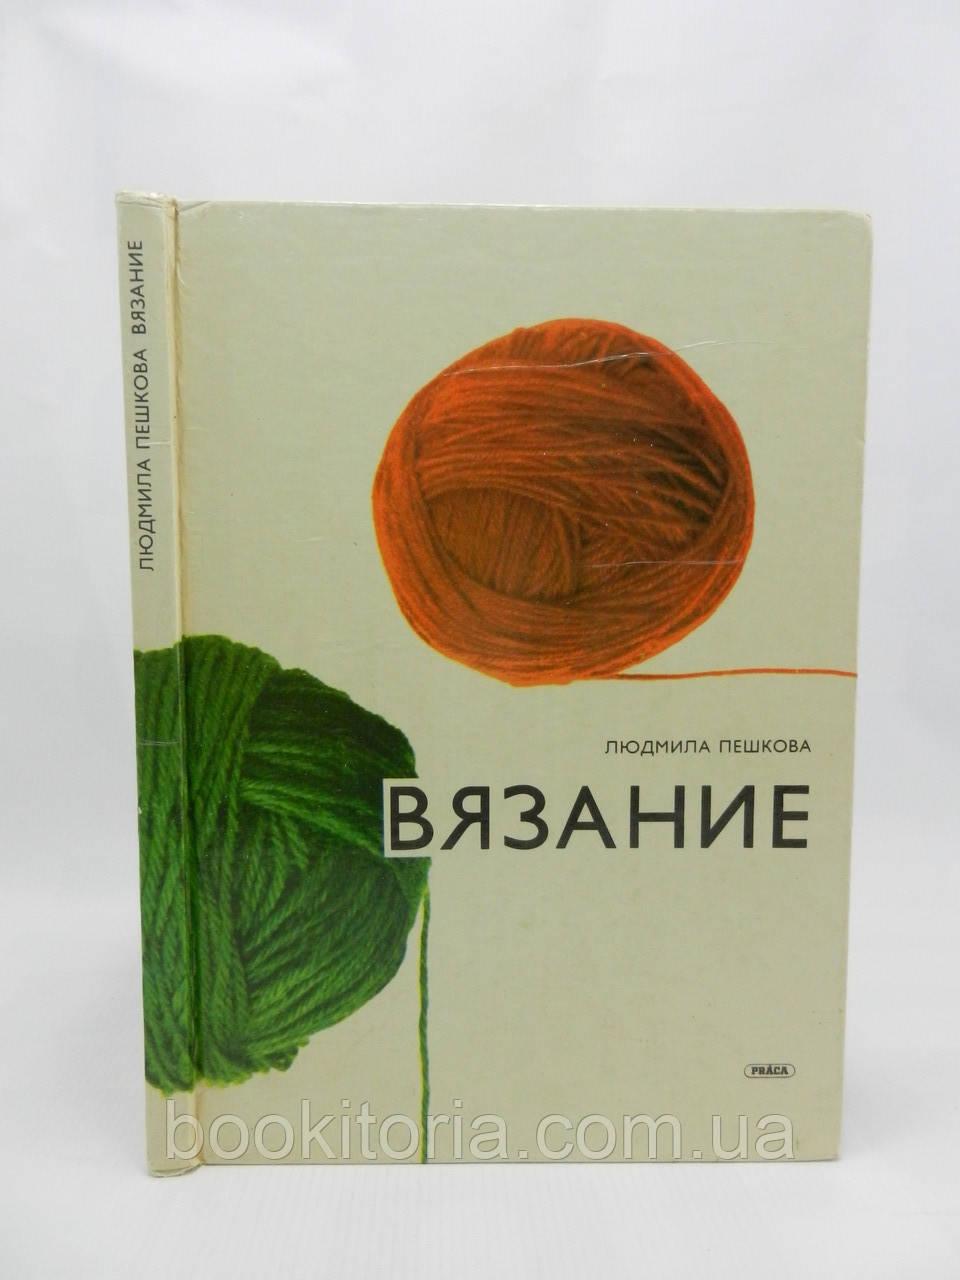 Пешкова Л. Вязание (б/у)., фото 1